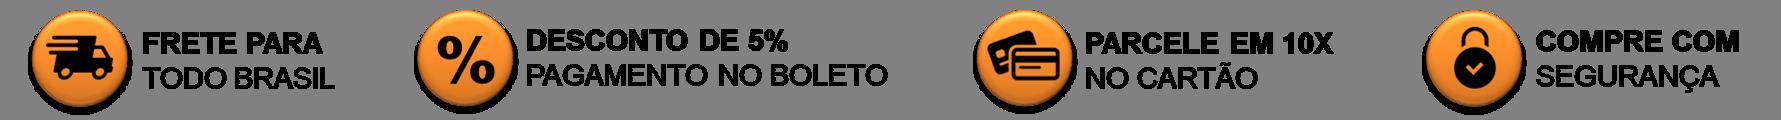 Tarja 001 Principal Benefícios